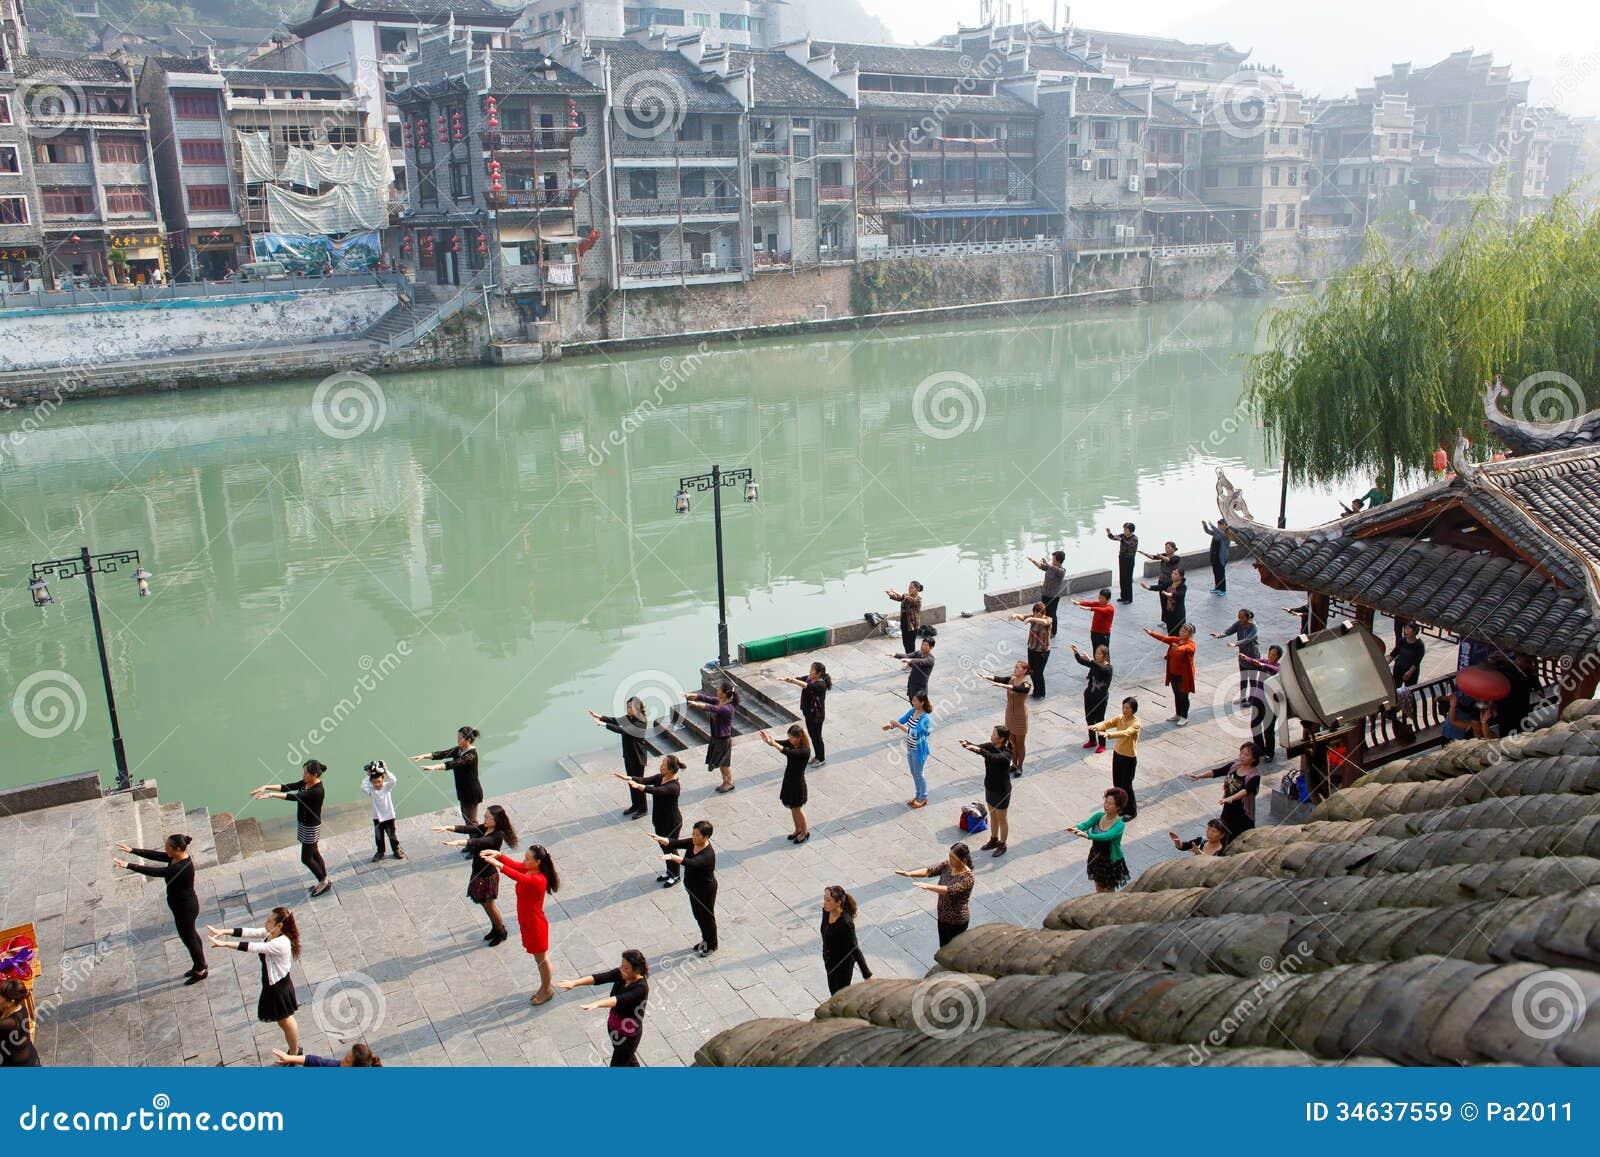 Zhenyuan Ancient Town In Guizhou China Editorial Stock